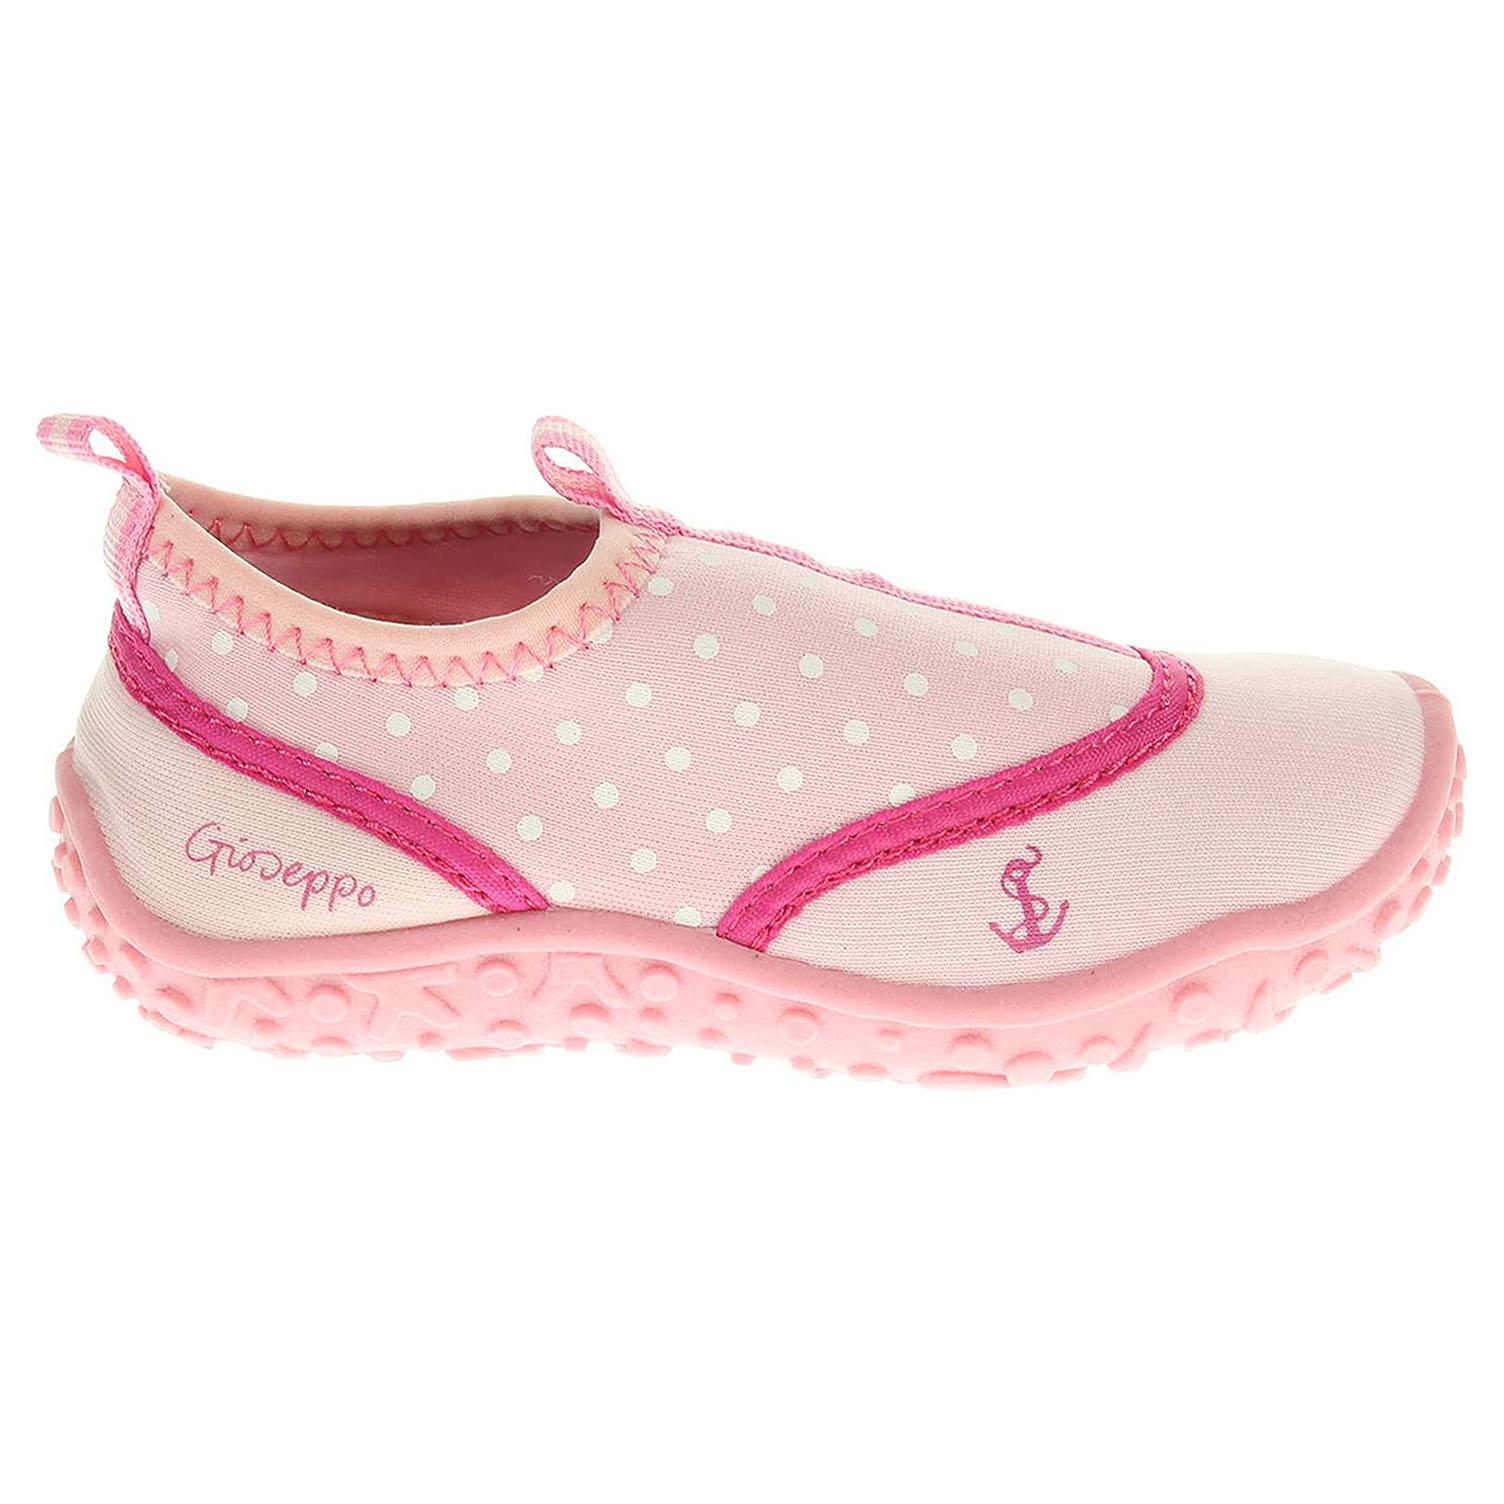 Gioseppo Mesina pink dívčí obuv do vody 19